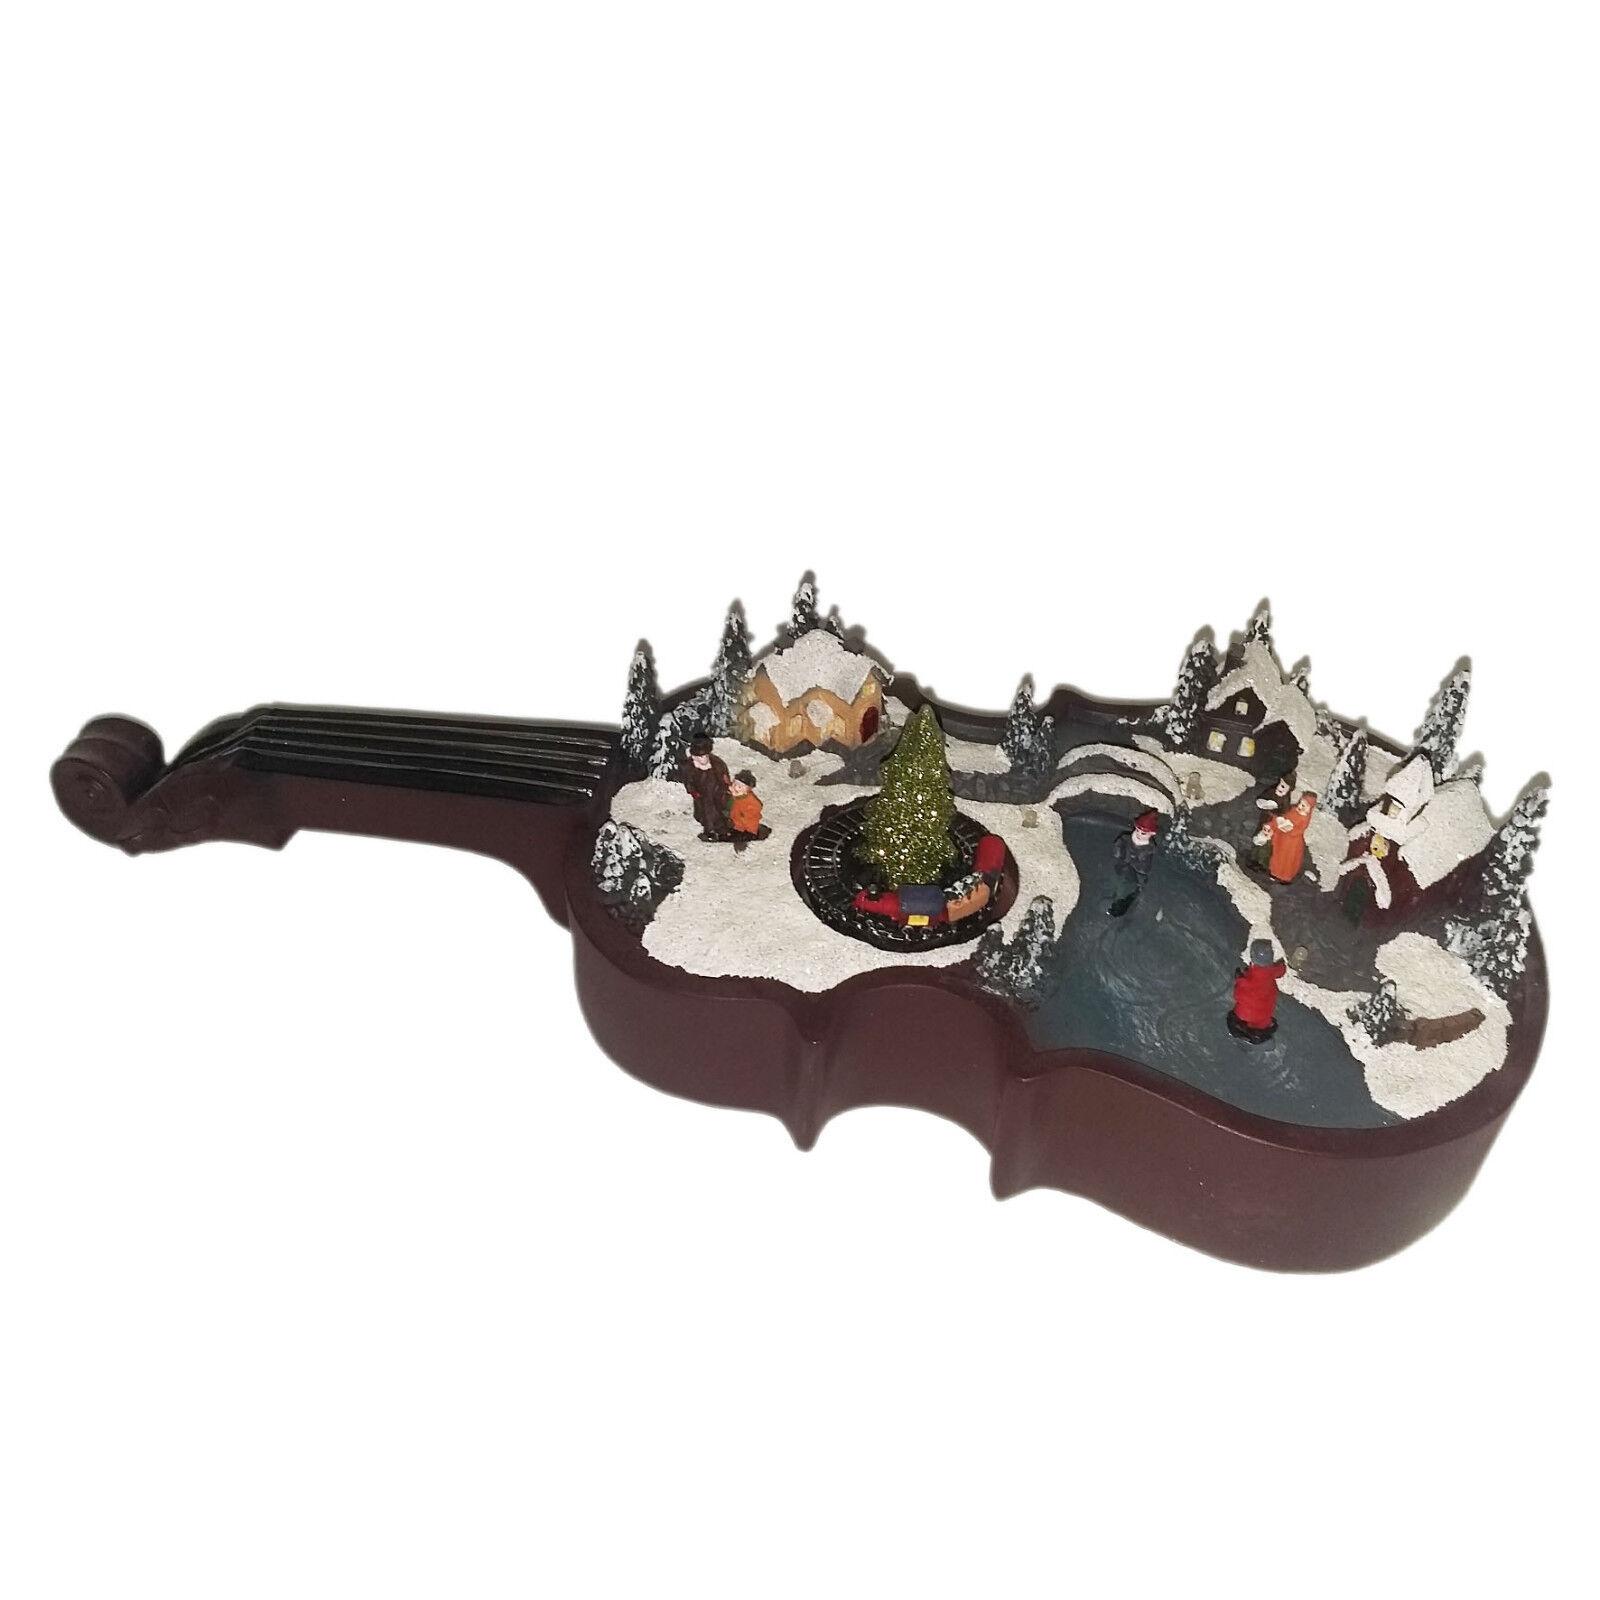 Weihnachten Szene Musik und Lichter ruht auf Violine-Spieluhr mit Bewegung